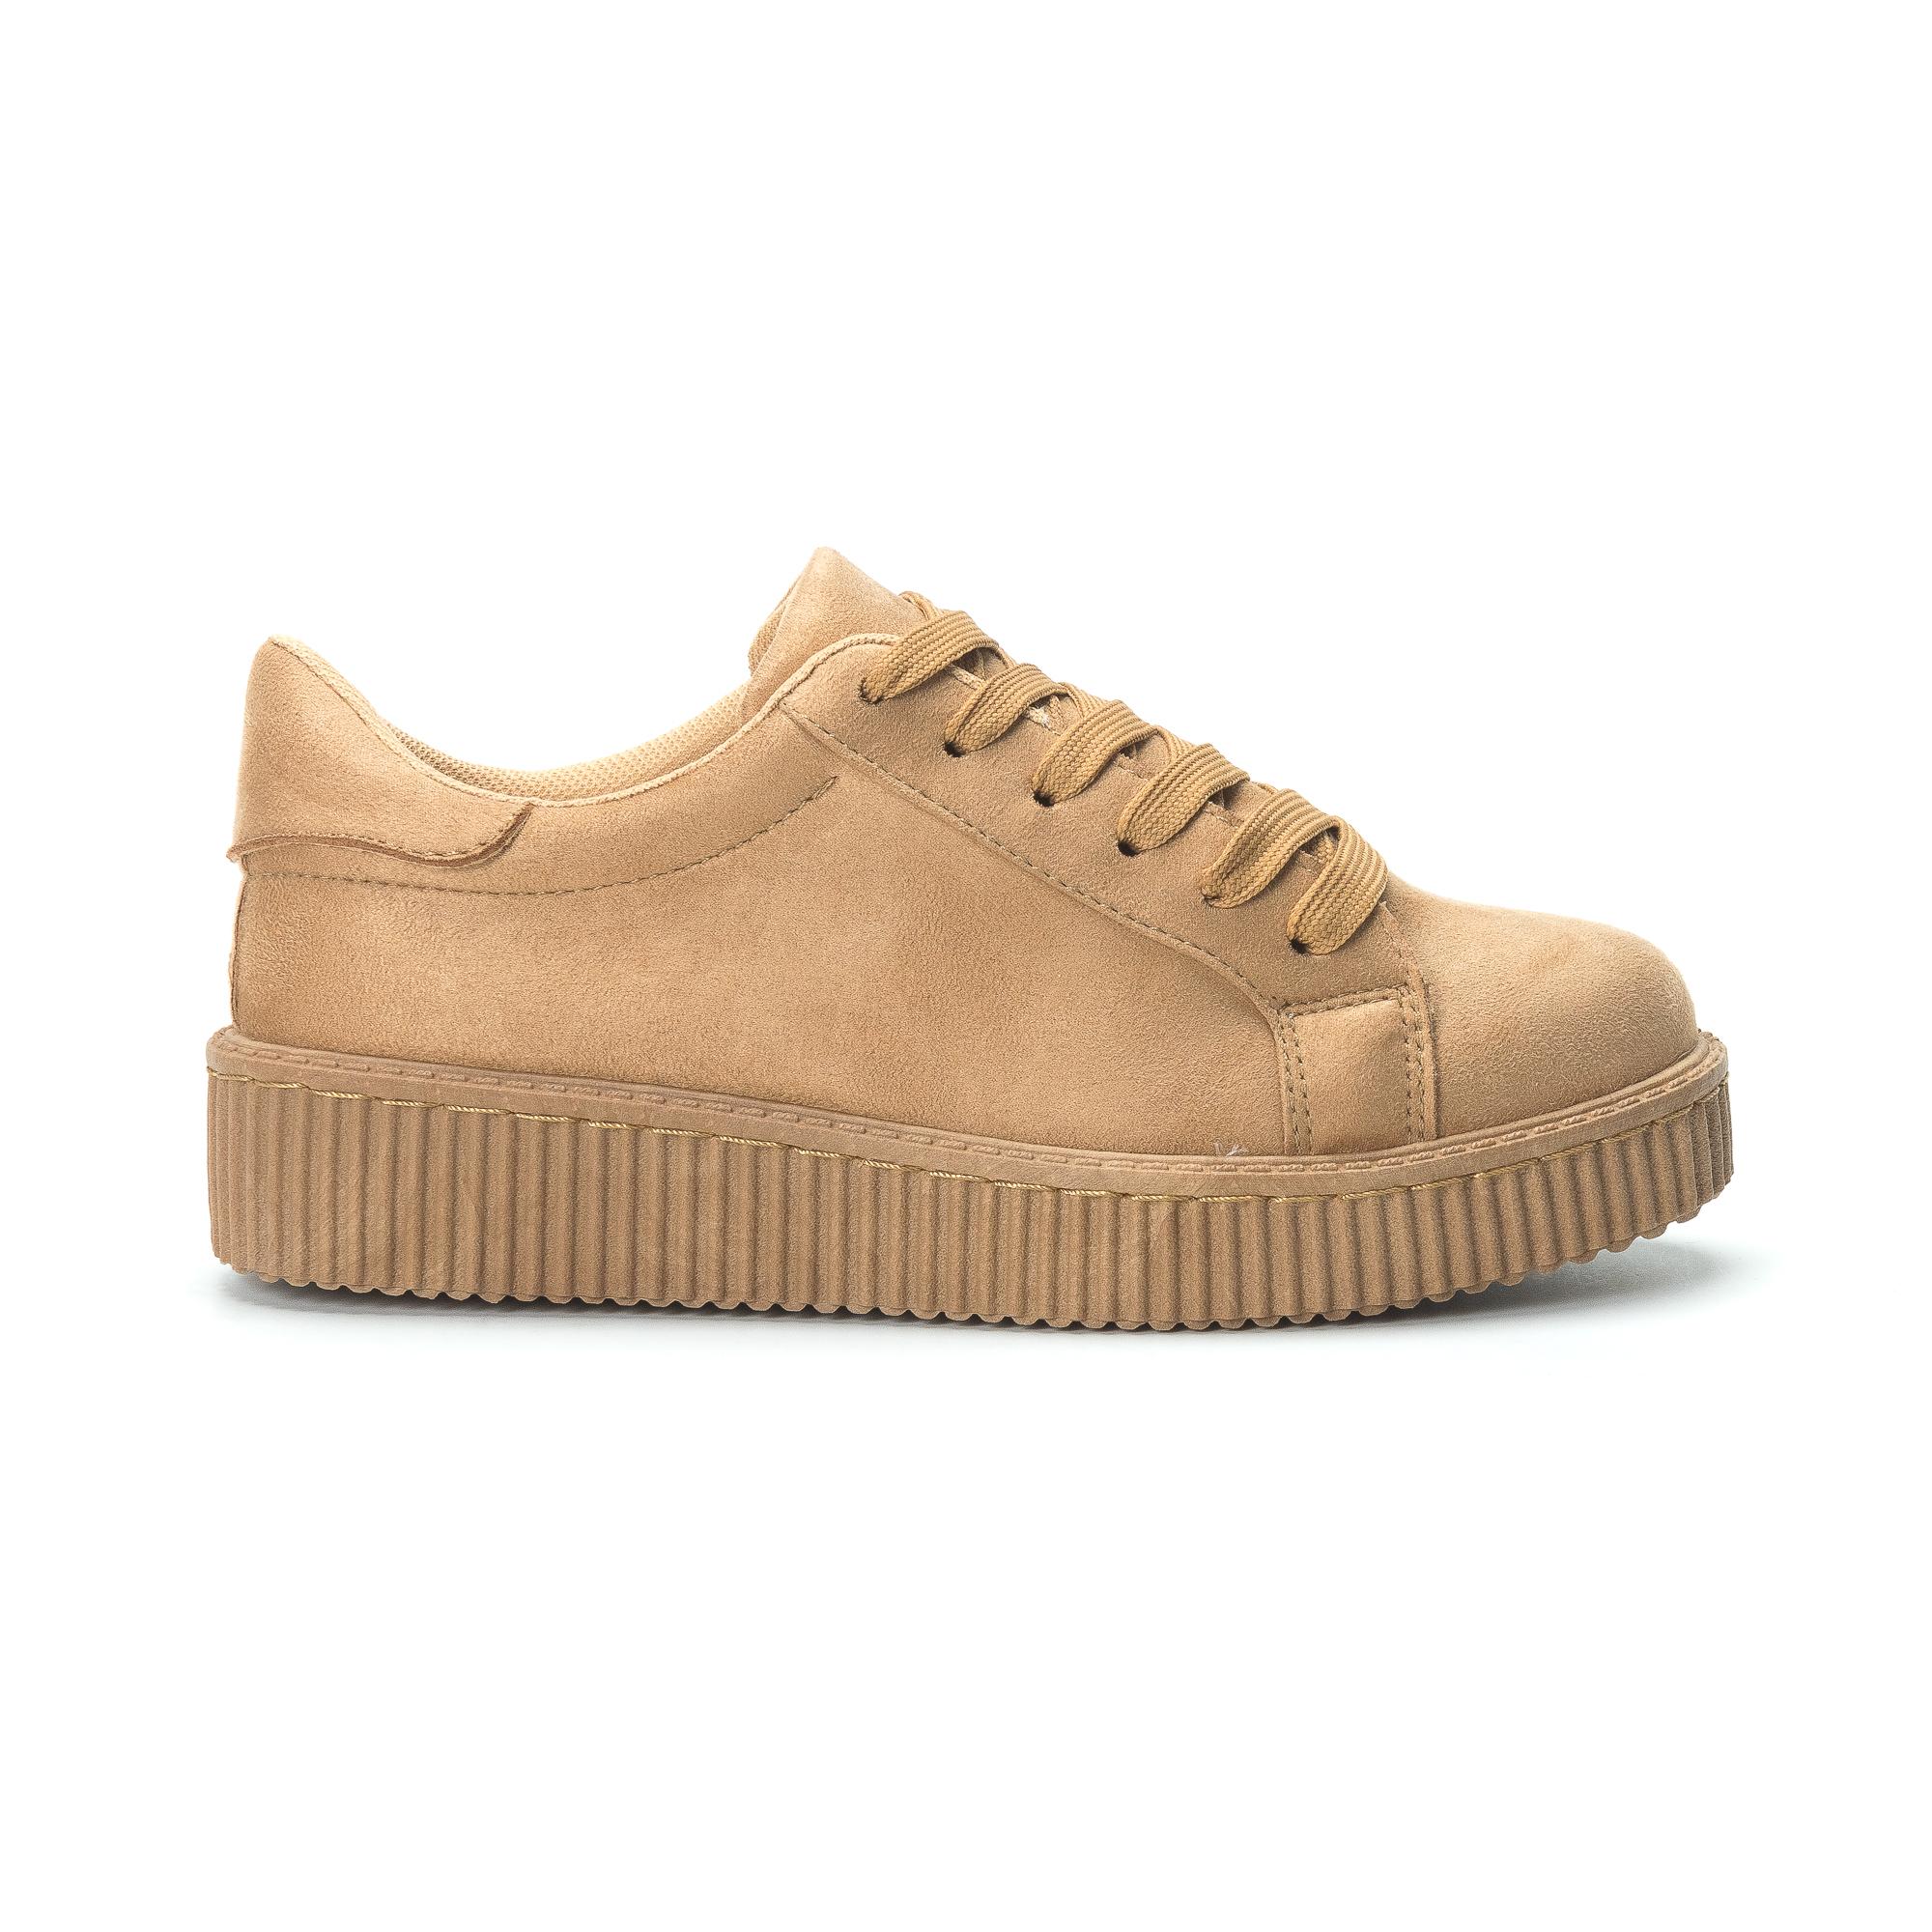 Γυναικεία camel sneakers από οικολογικό σουέτ e512acd083b